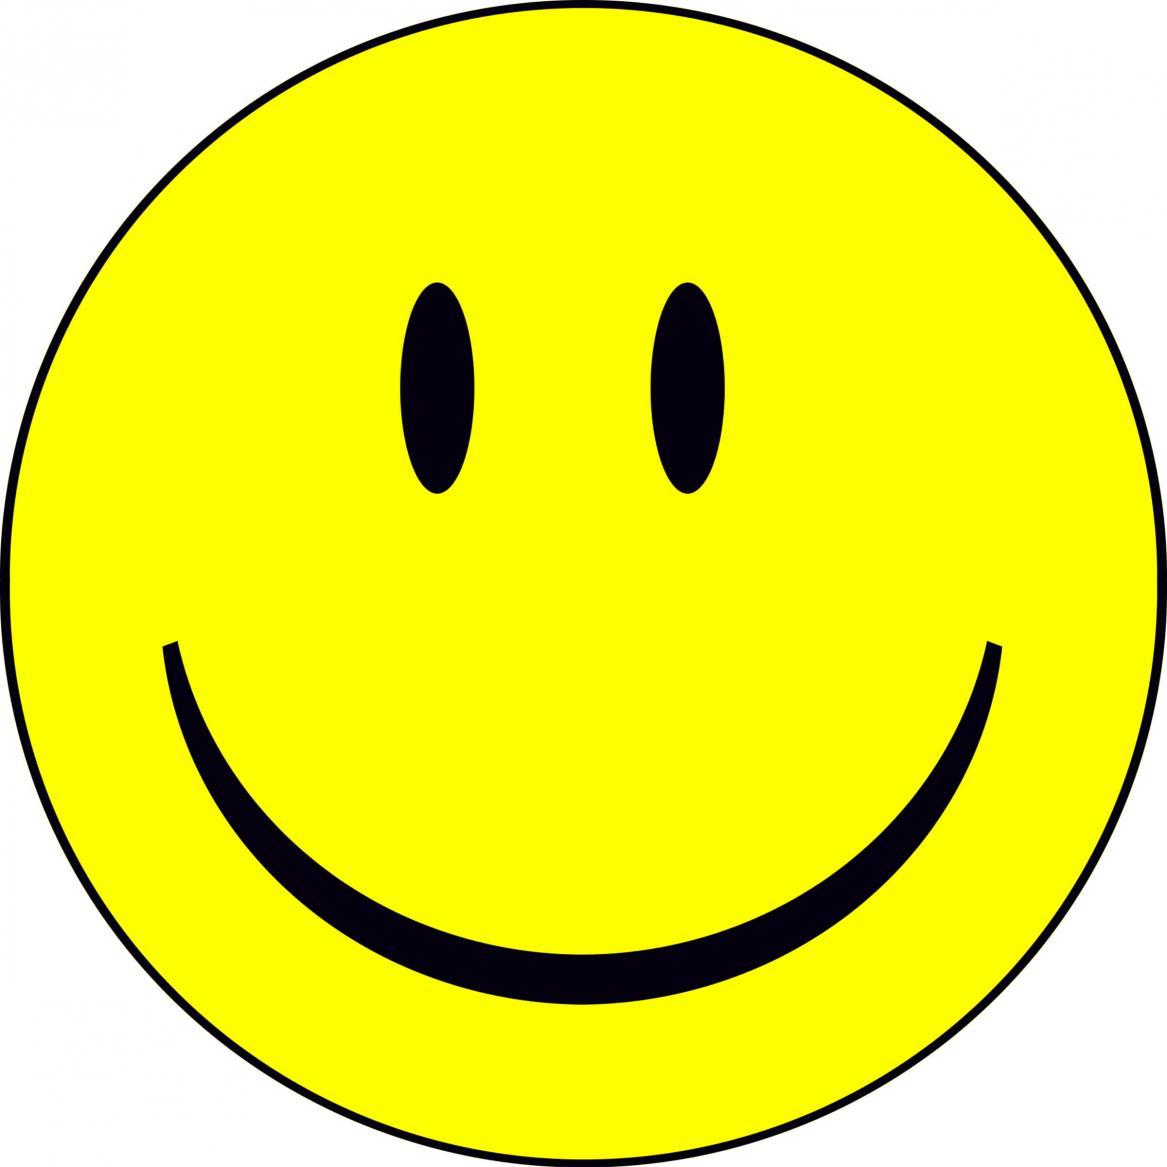 1167x1167 Emoticon Clipart